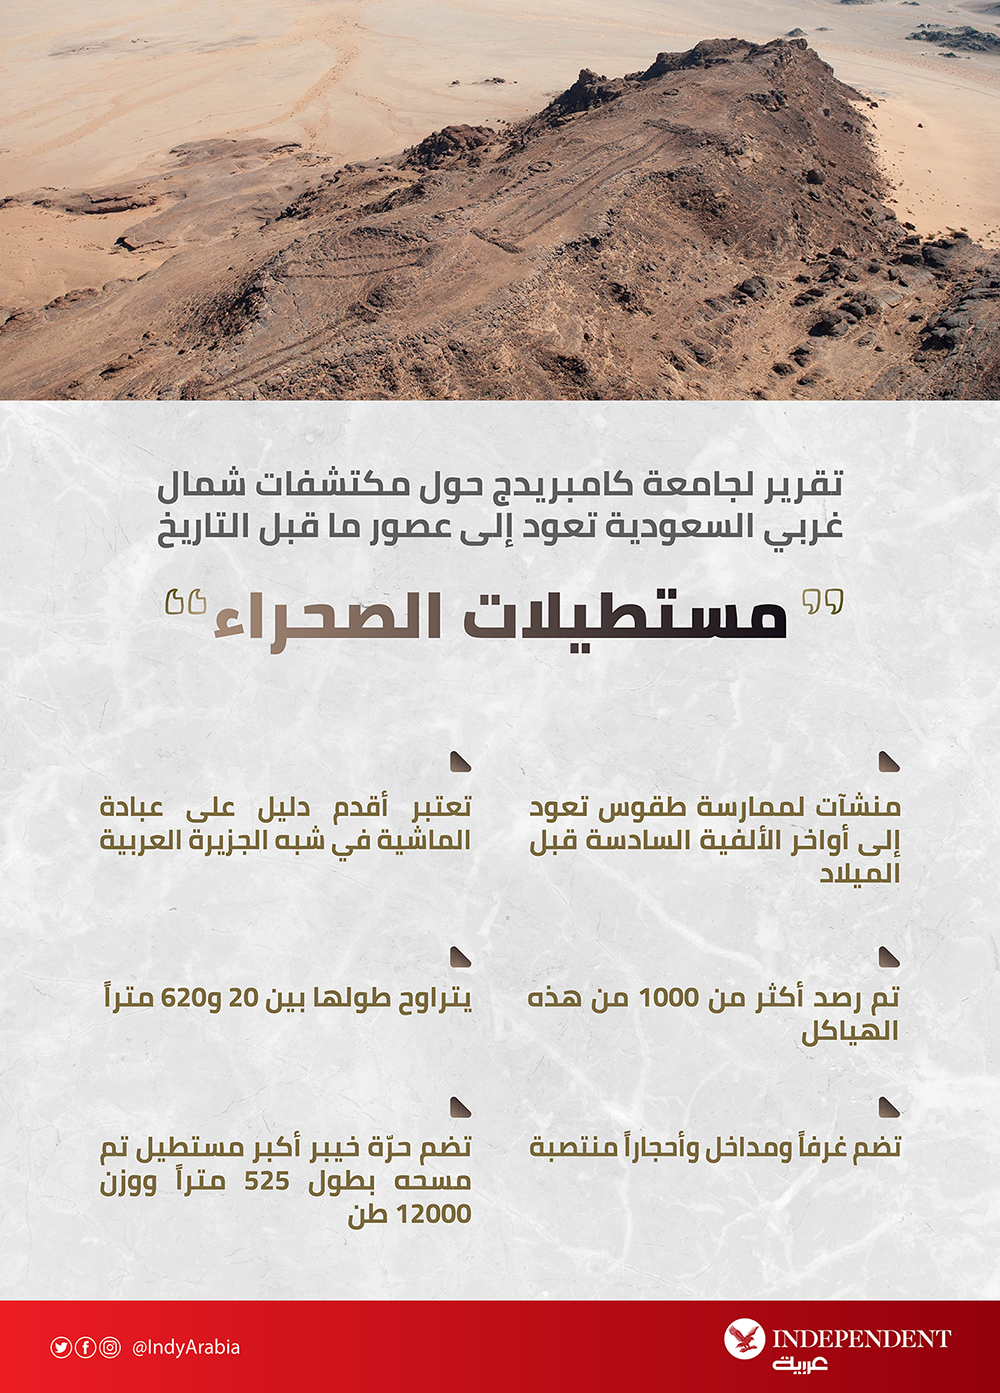 Cambridge Üniversitesi, Suudi Arabistan'ın kuzeybatısındaki tarih öncesi çağlardan kalma keşifler hakkında rapor veriyor